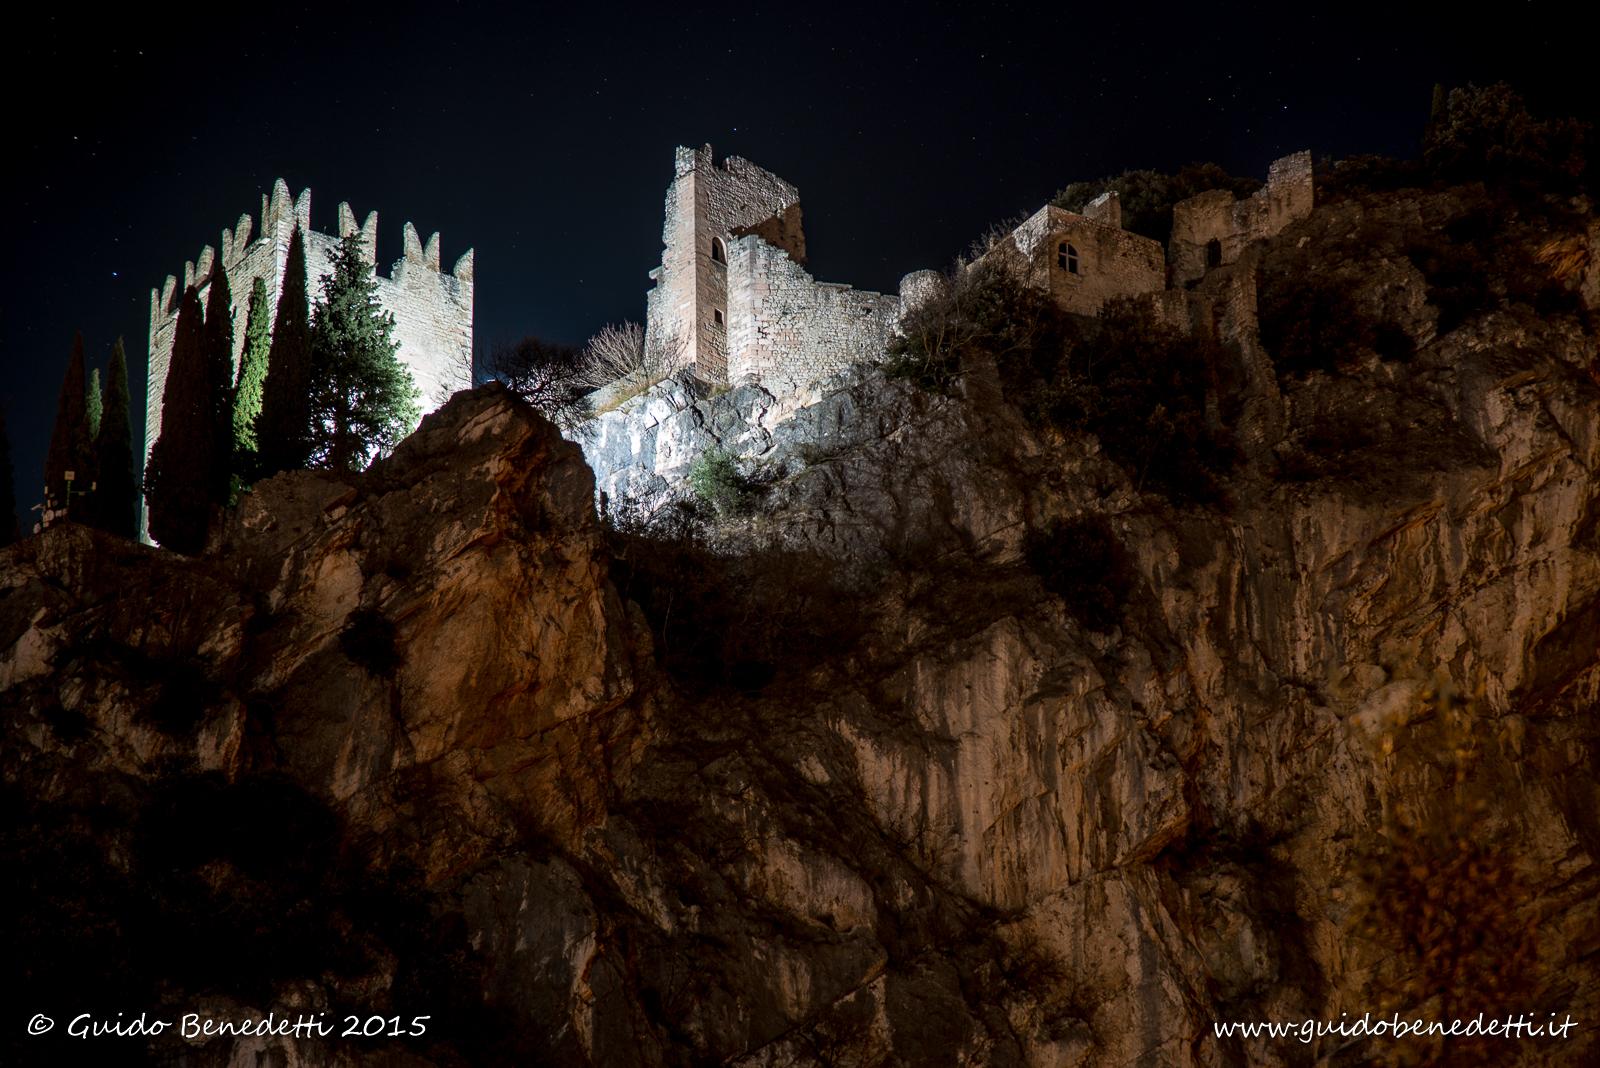 Castello di Arco by night